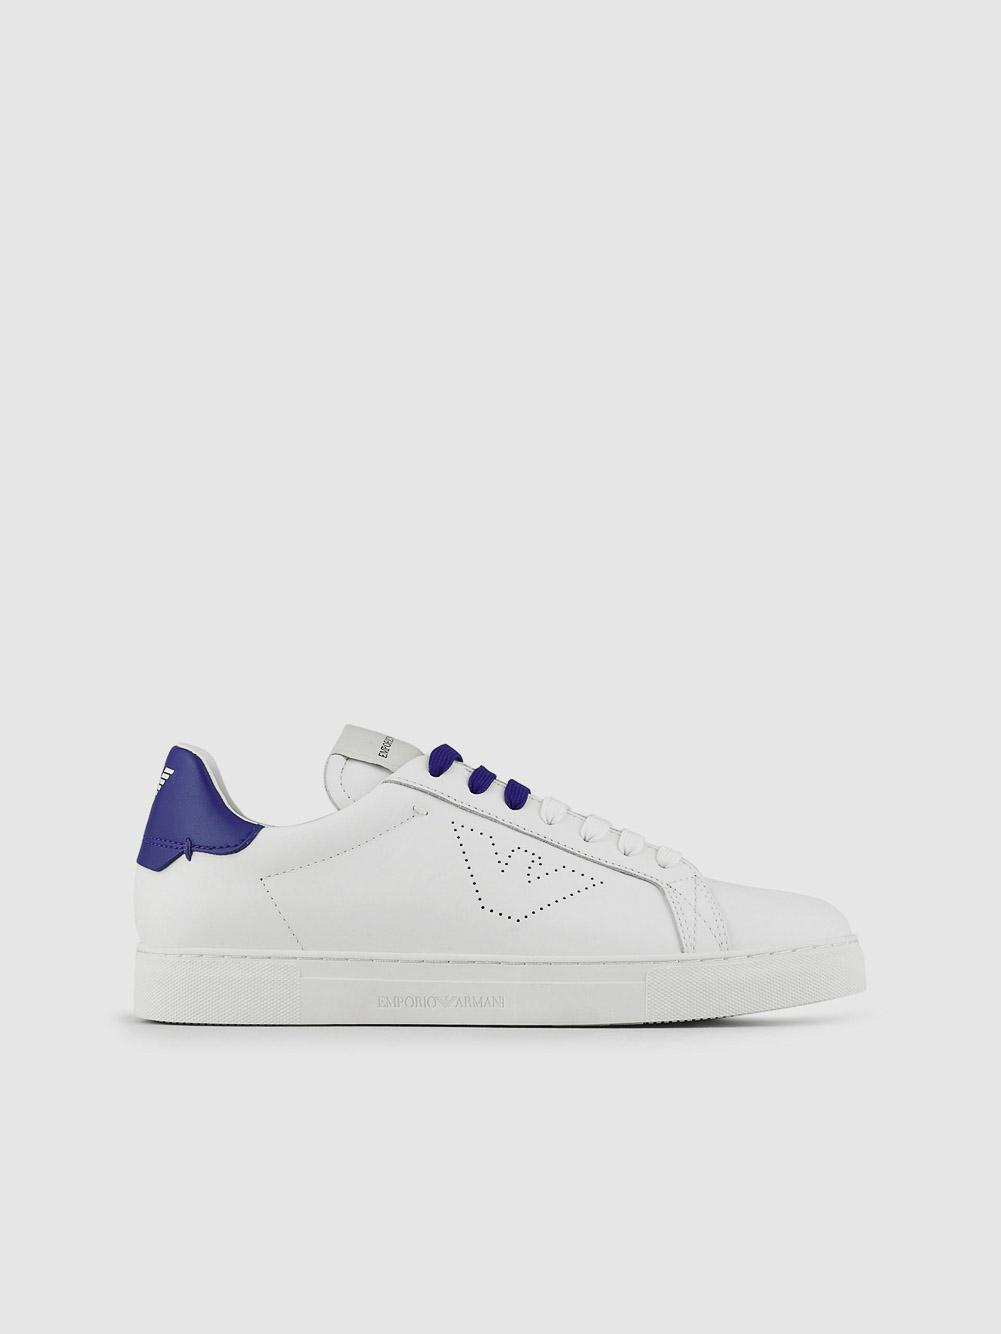 EMPORIO ARMANI Παπούτσια Sneaker X4X316XF527-Q070 ΛΕΥΚΟ ΜΠΛΕ